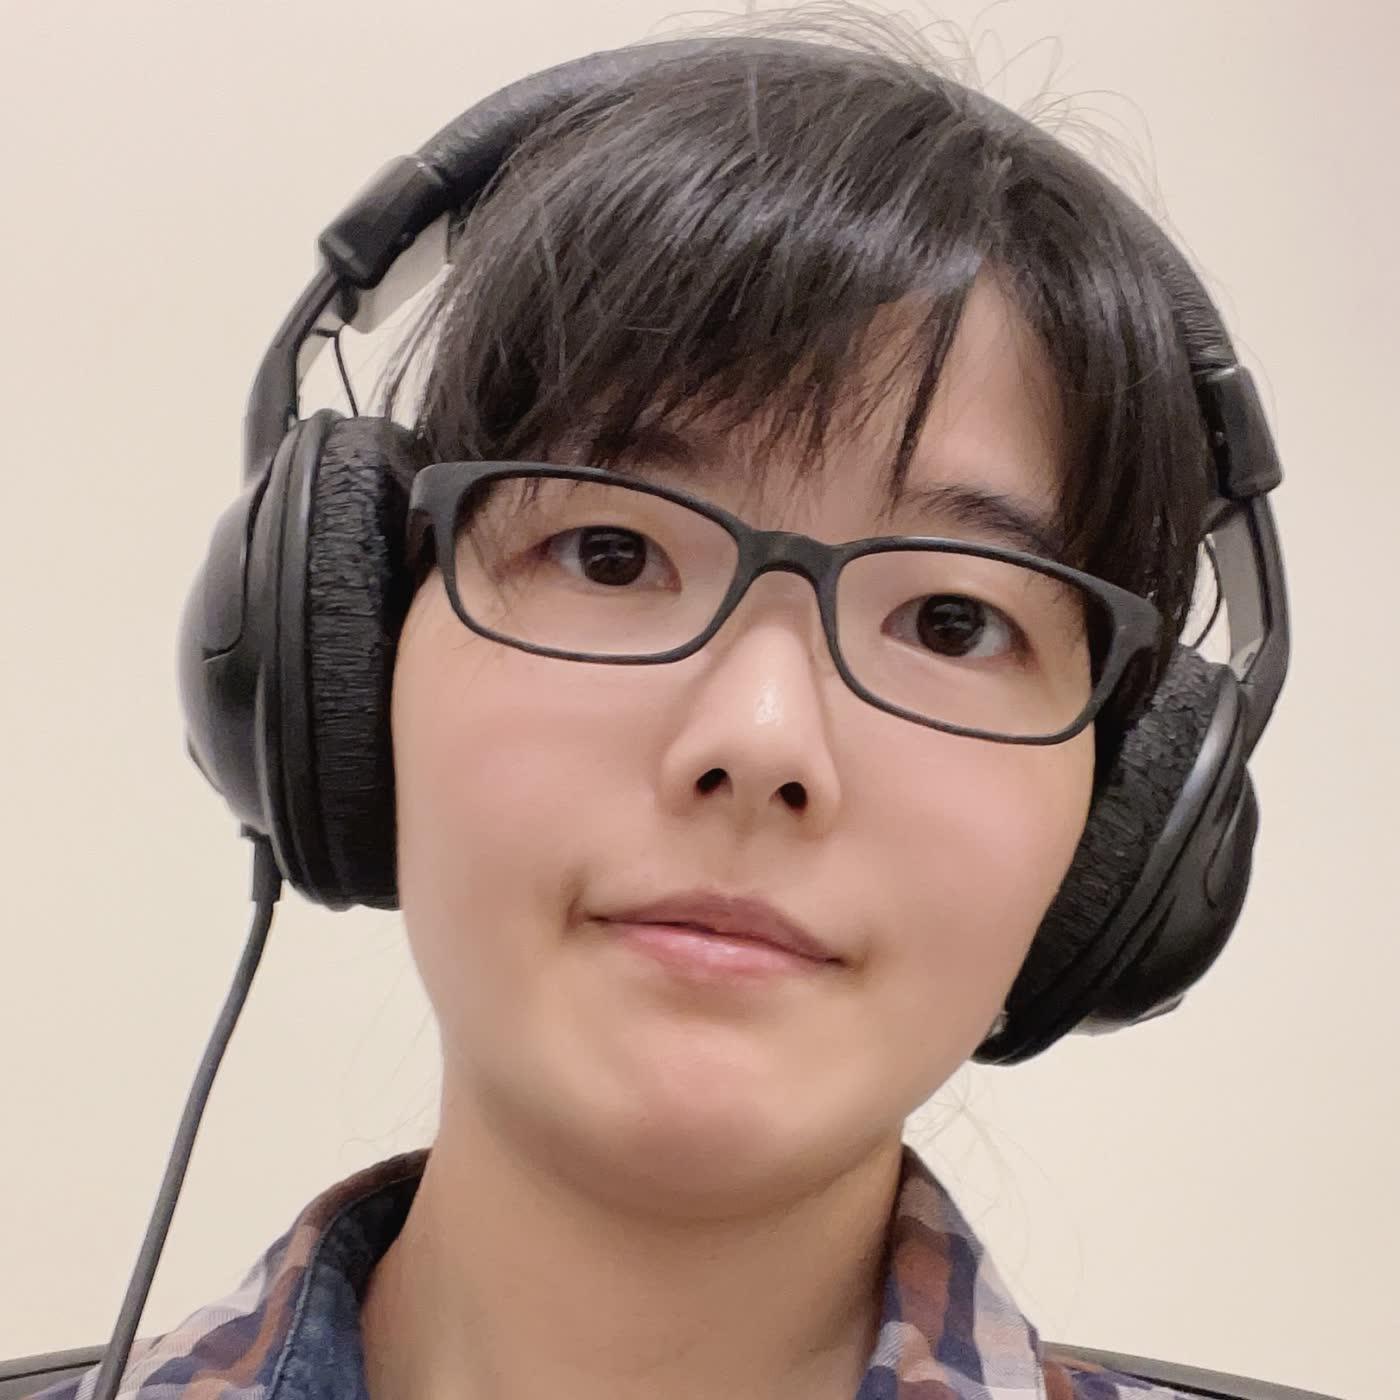 冏冏電台 0708|從歷史作家到遊戲實況,跨領域創作者 - 黑貓老師